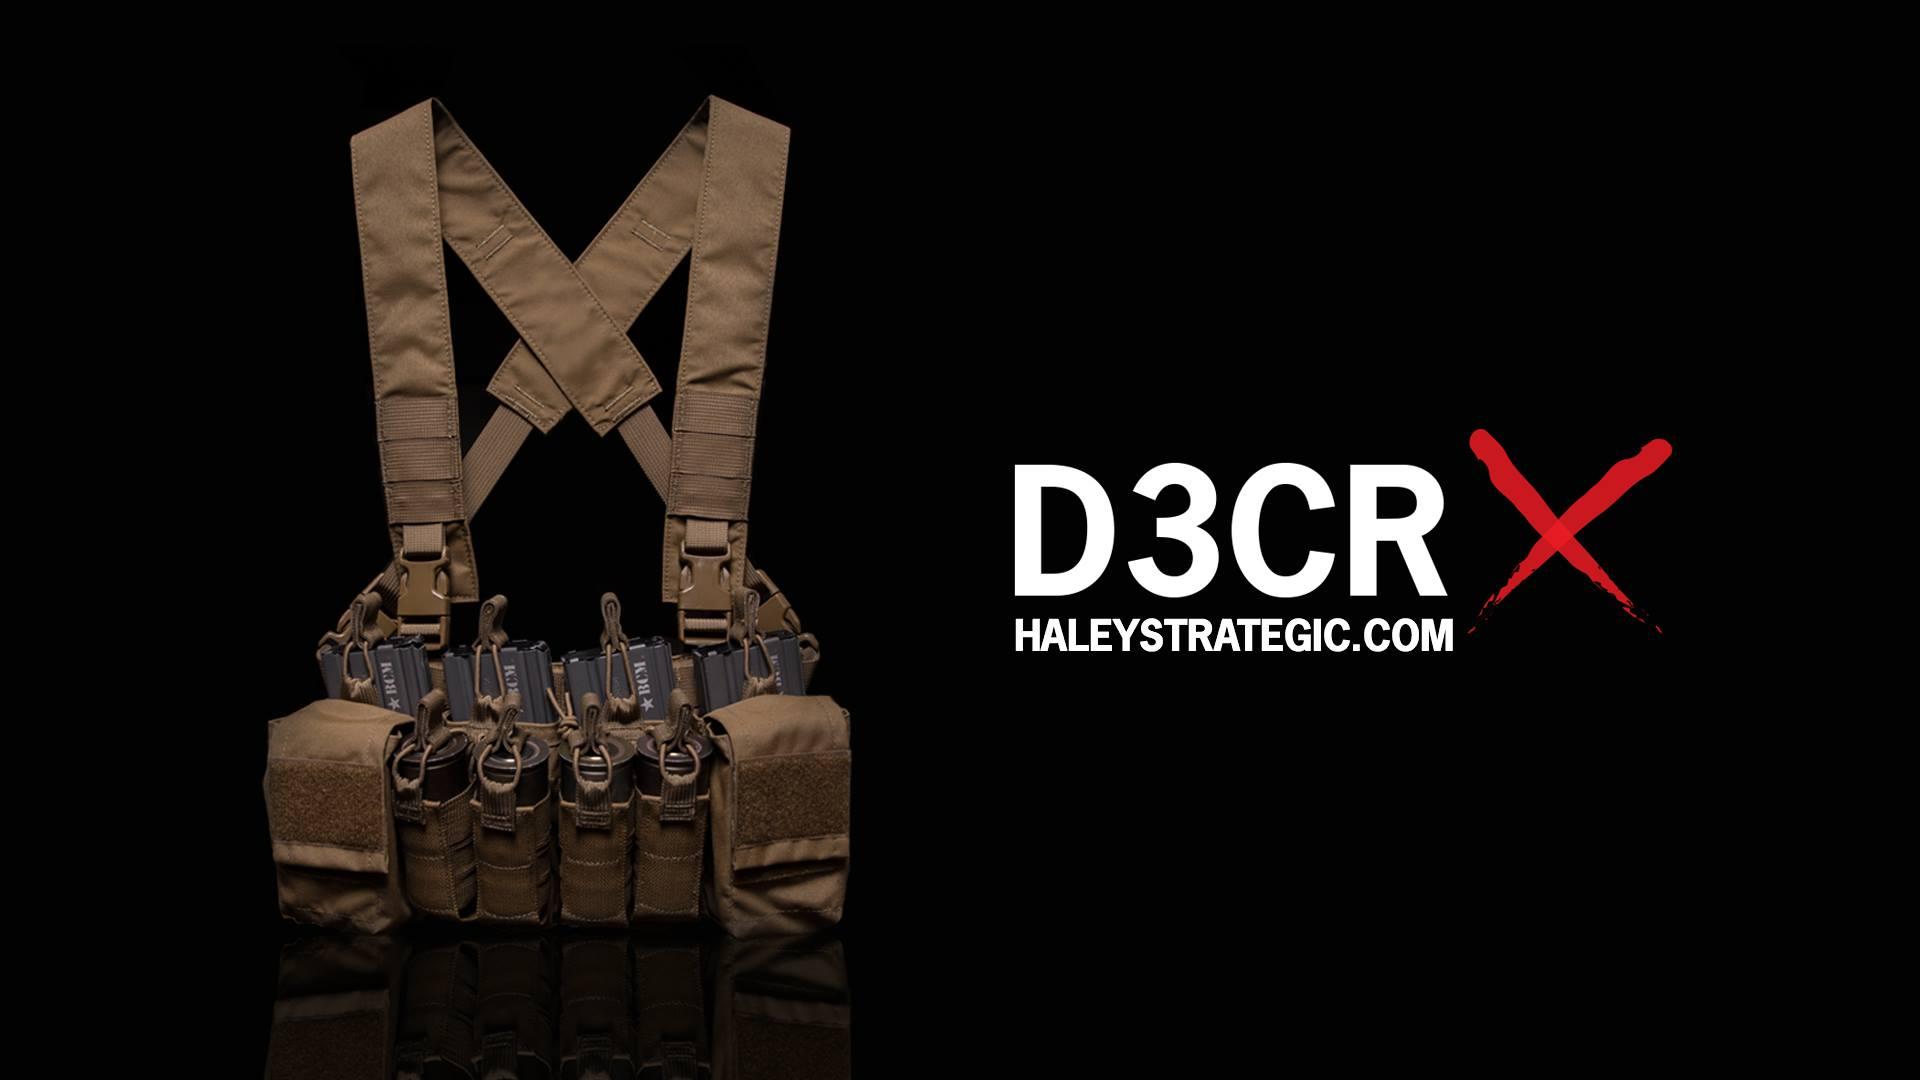 ハーレーストラテジー(Haley Strategic Partners)より新型チェストリグ「D3CRX」が登場